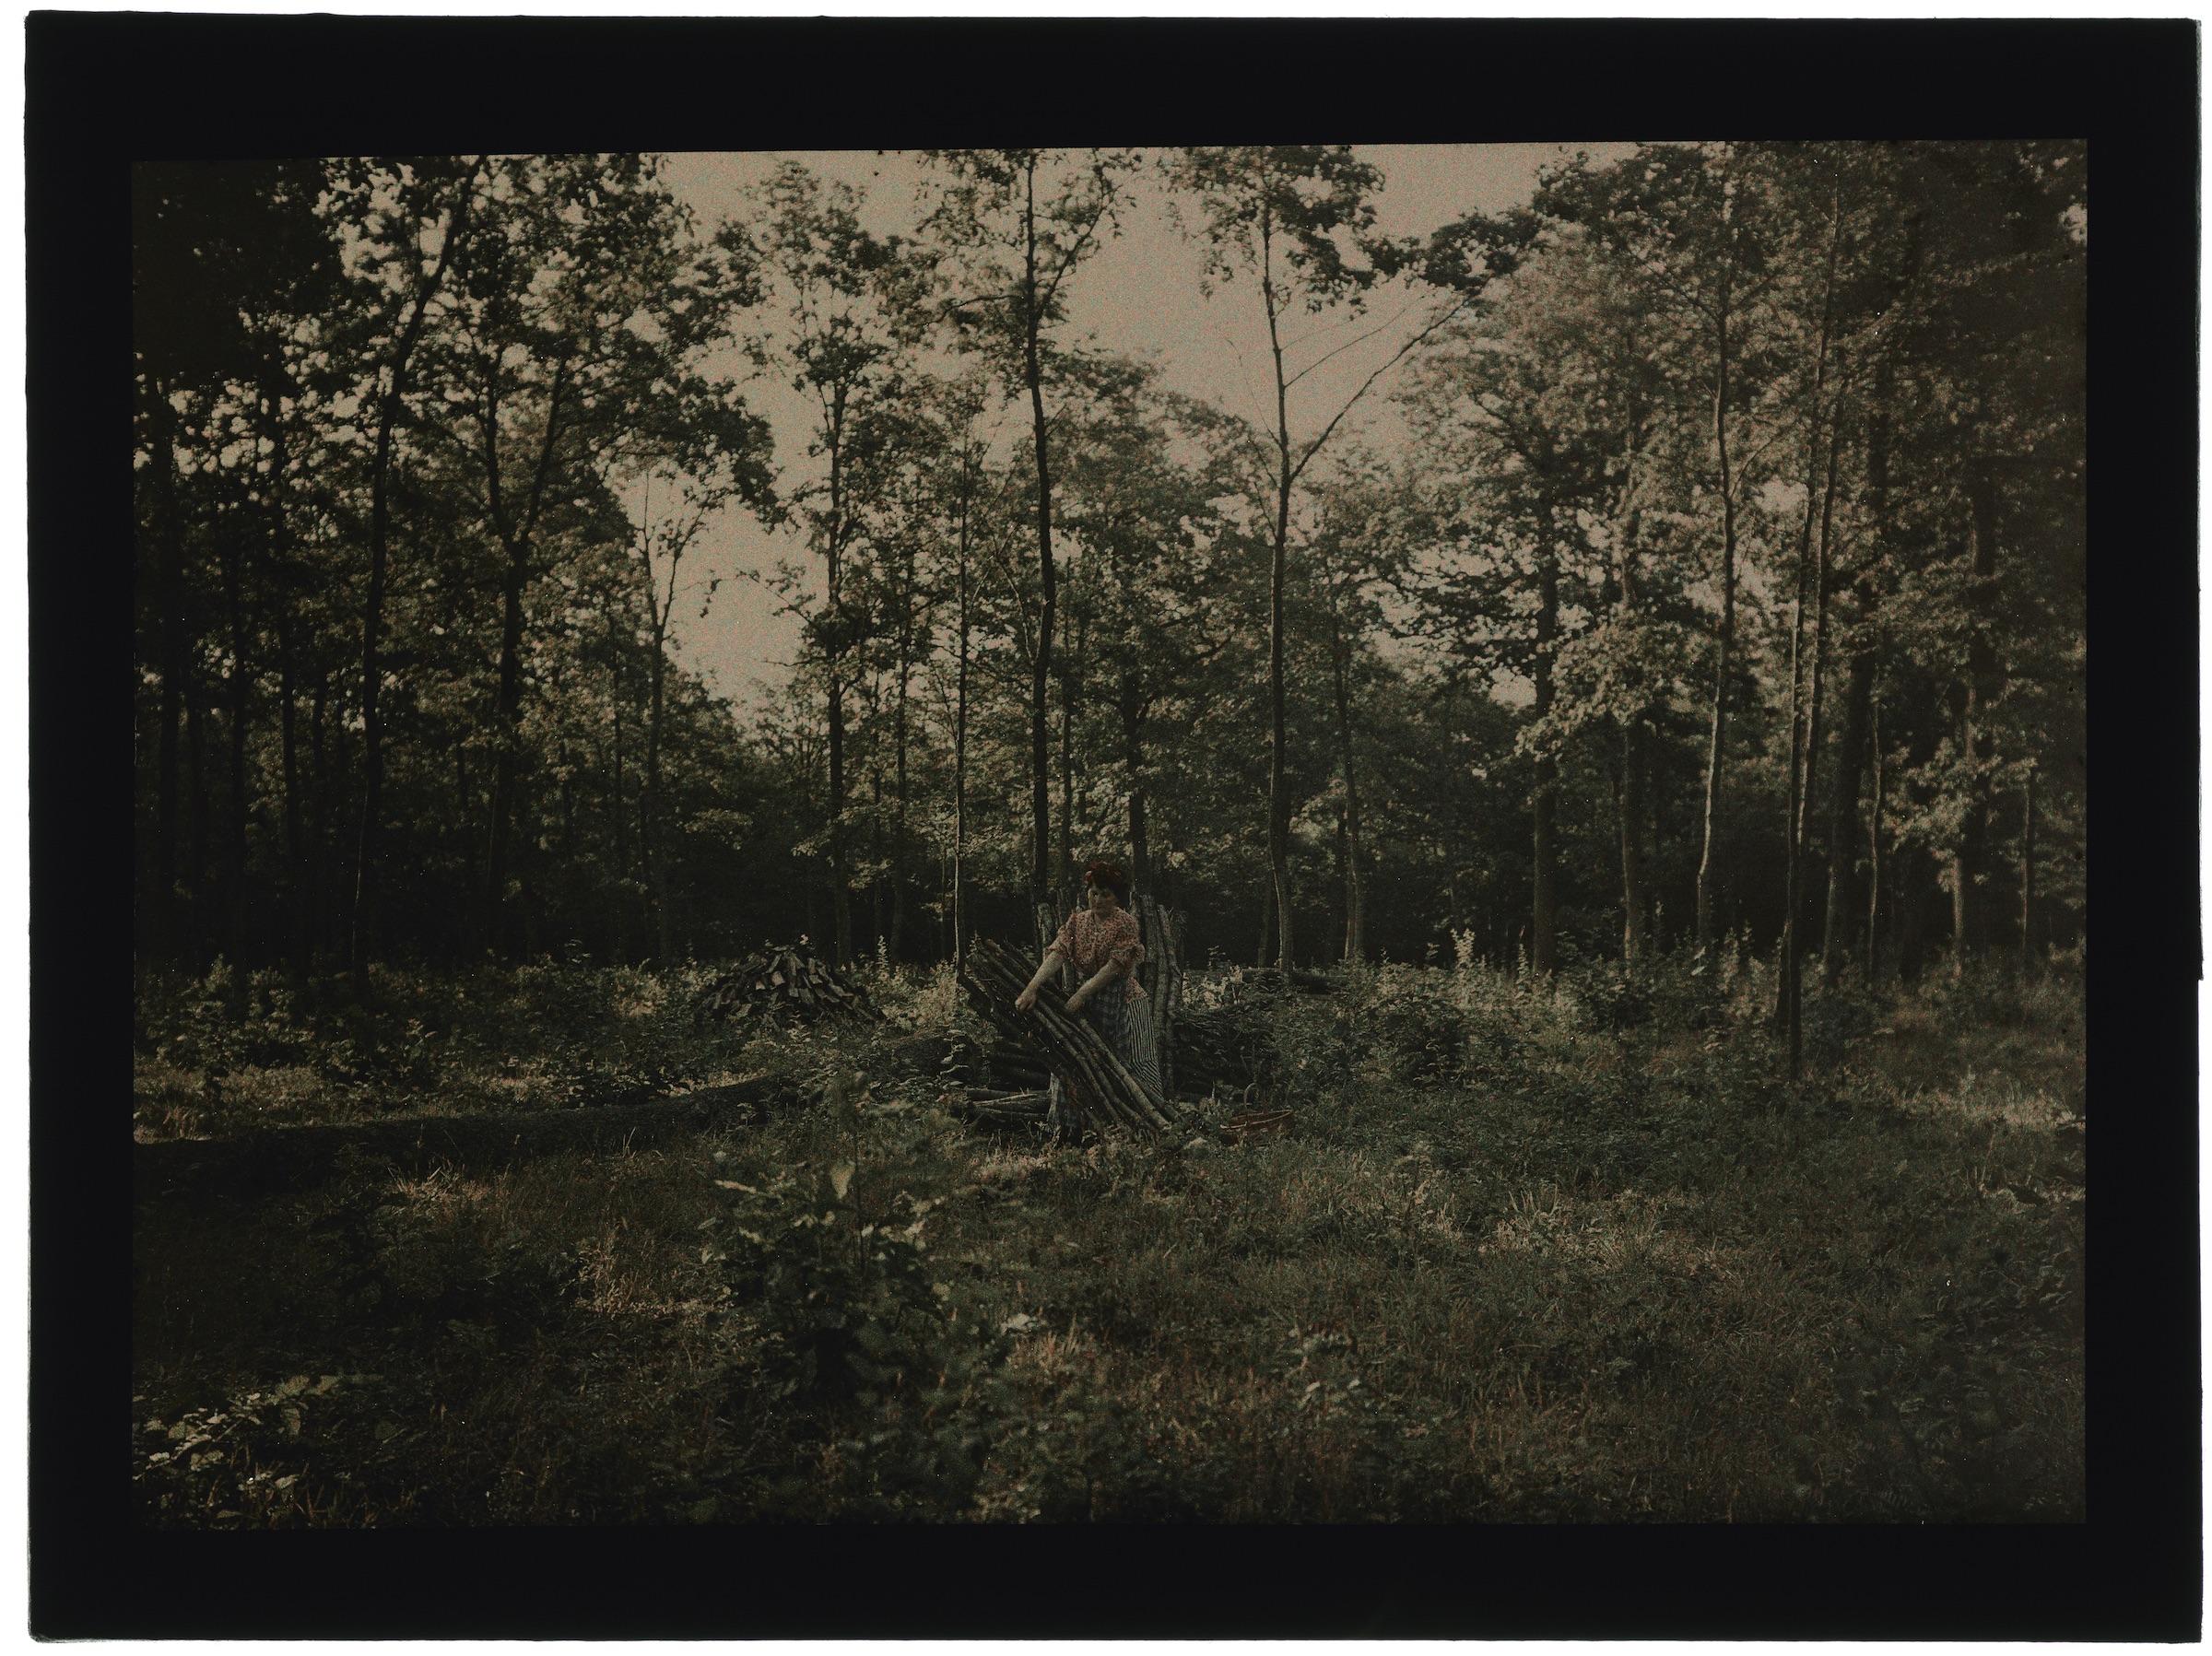 Femme paysanne dans la forêt